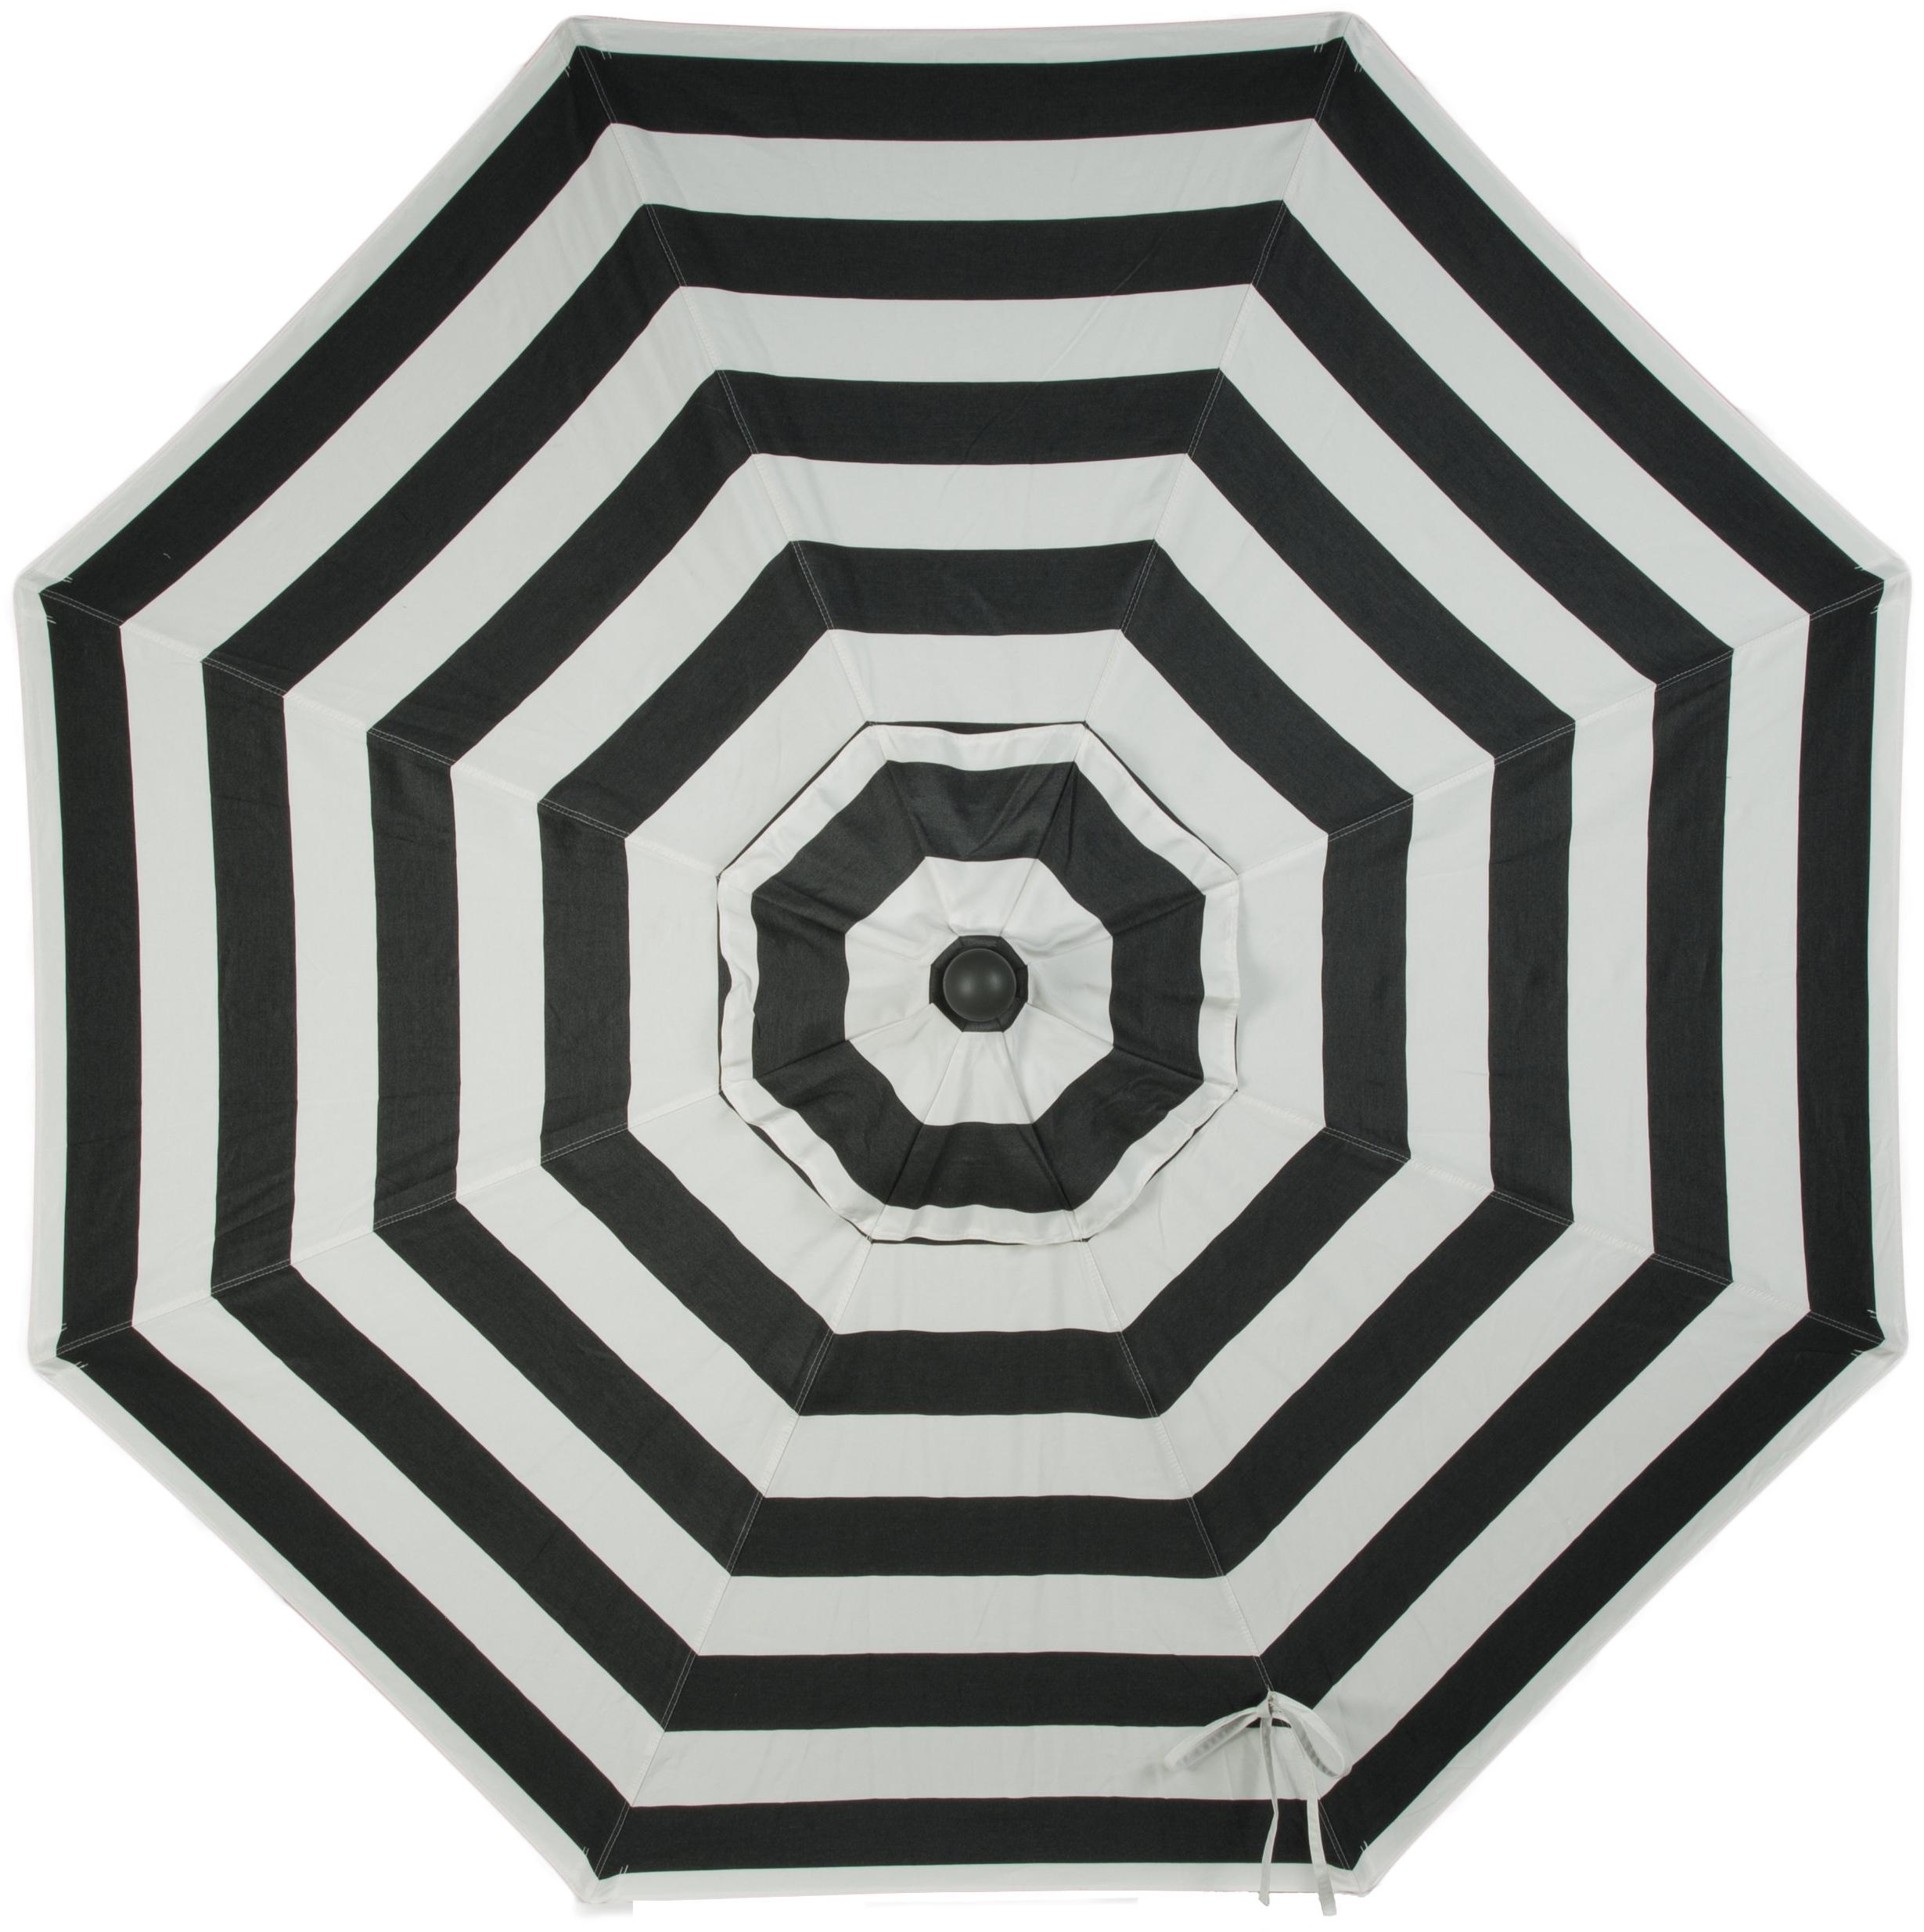 Wiebe Market Sunbrella Umbrellas With Regard To Well Known Wiebe Auto Tilt 9' Market Umbrella (View 20 of 20)